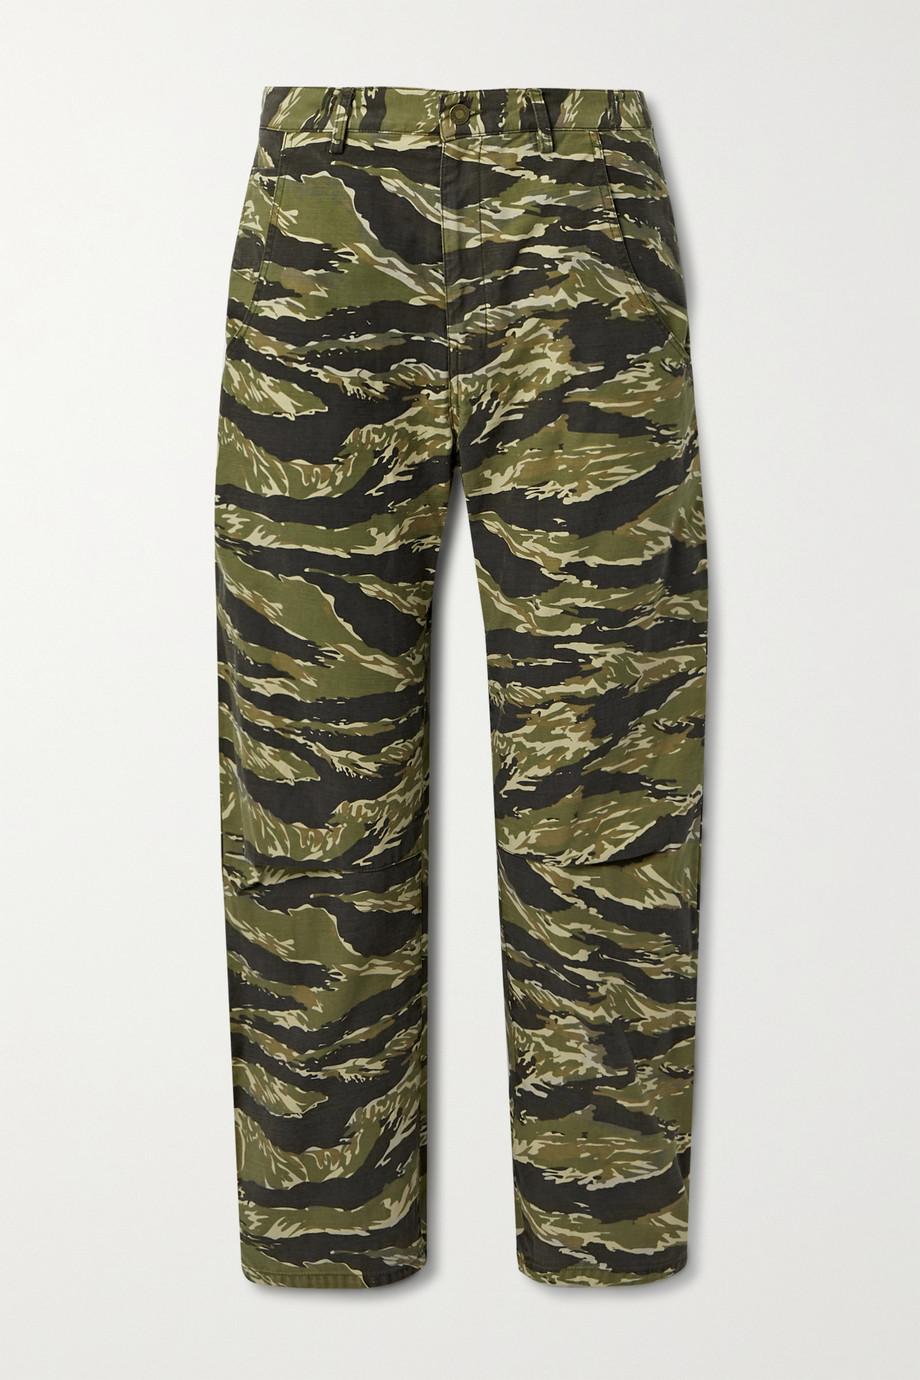 Nili Lotan Pantalon droit en toile de coton imprimée Emerson